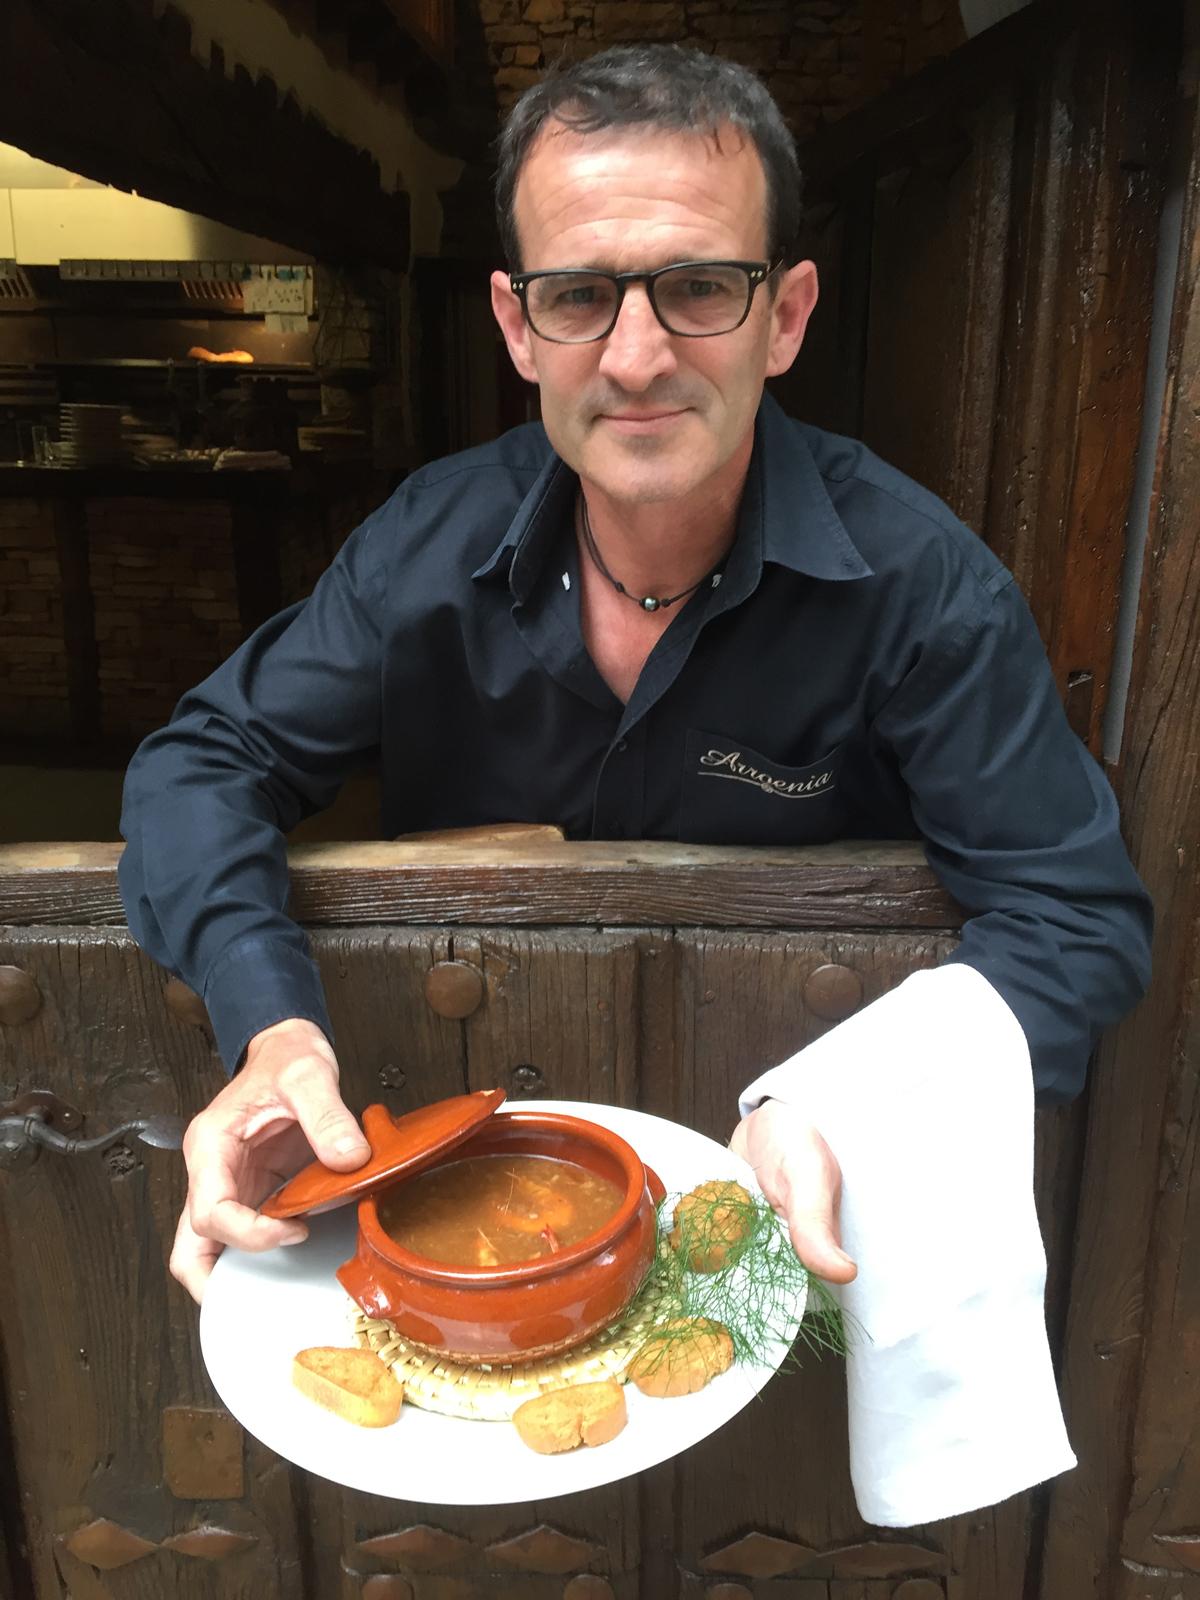 Jakes Zamora, orgulloso de su sopa. Foto: Hasier Etxeberria.